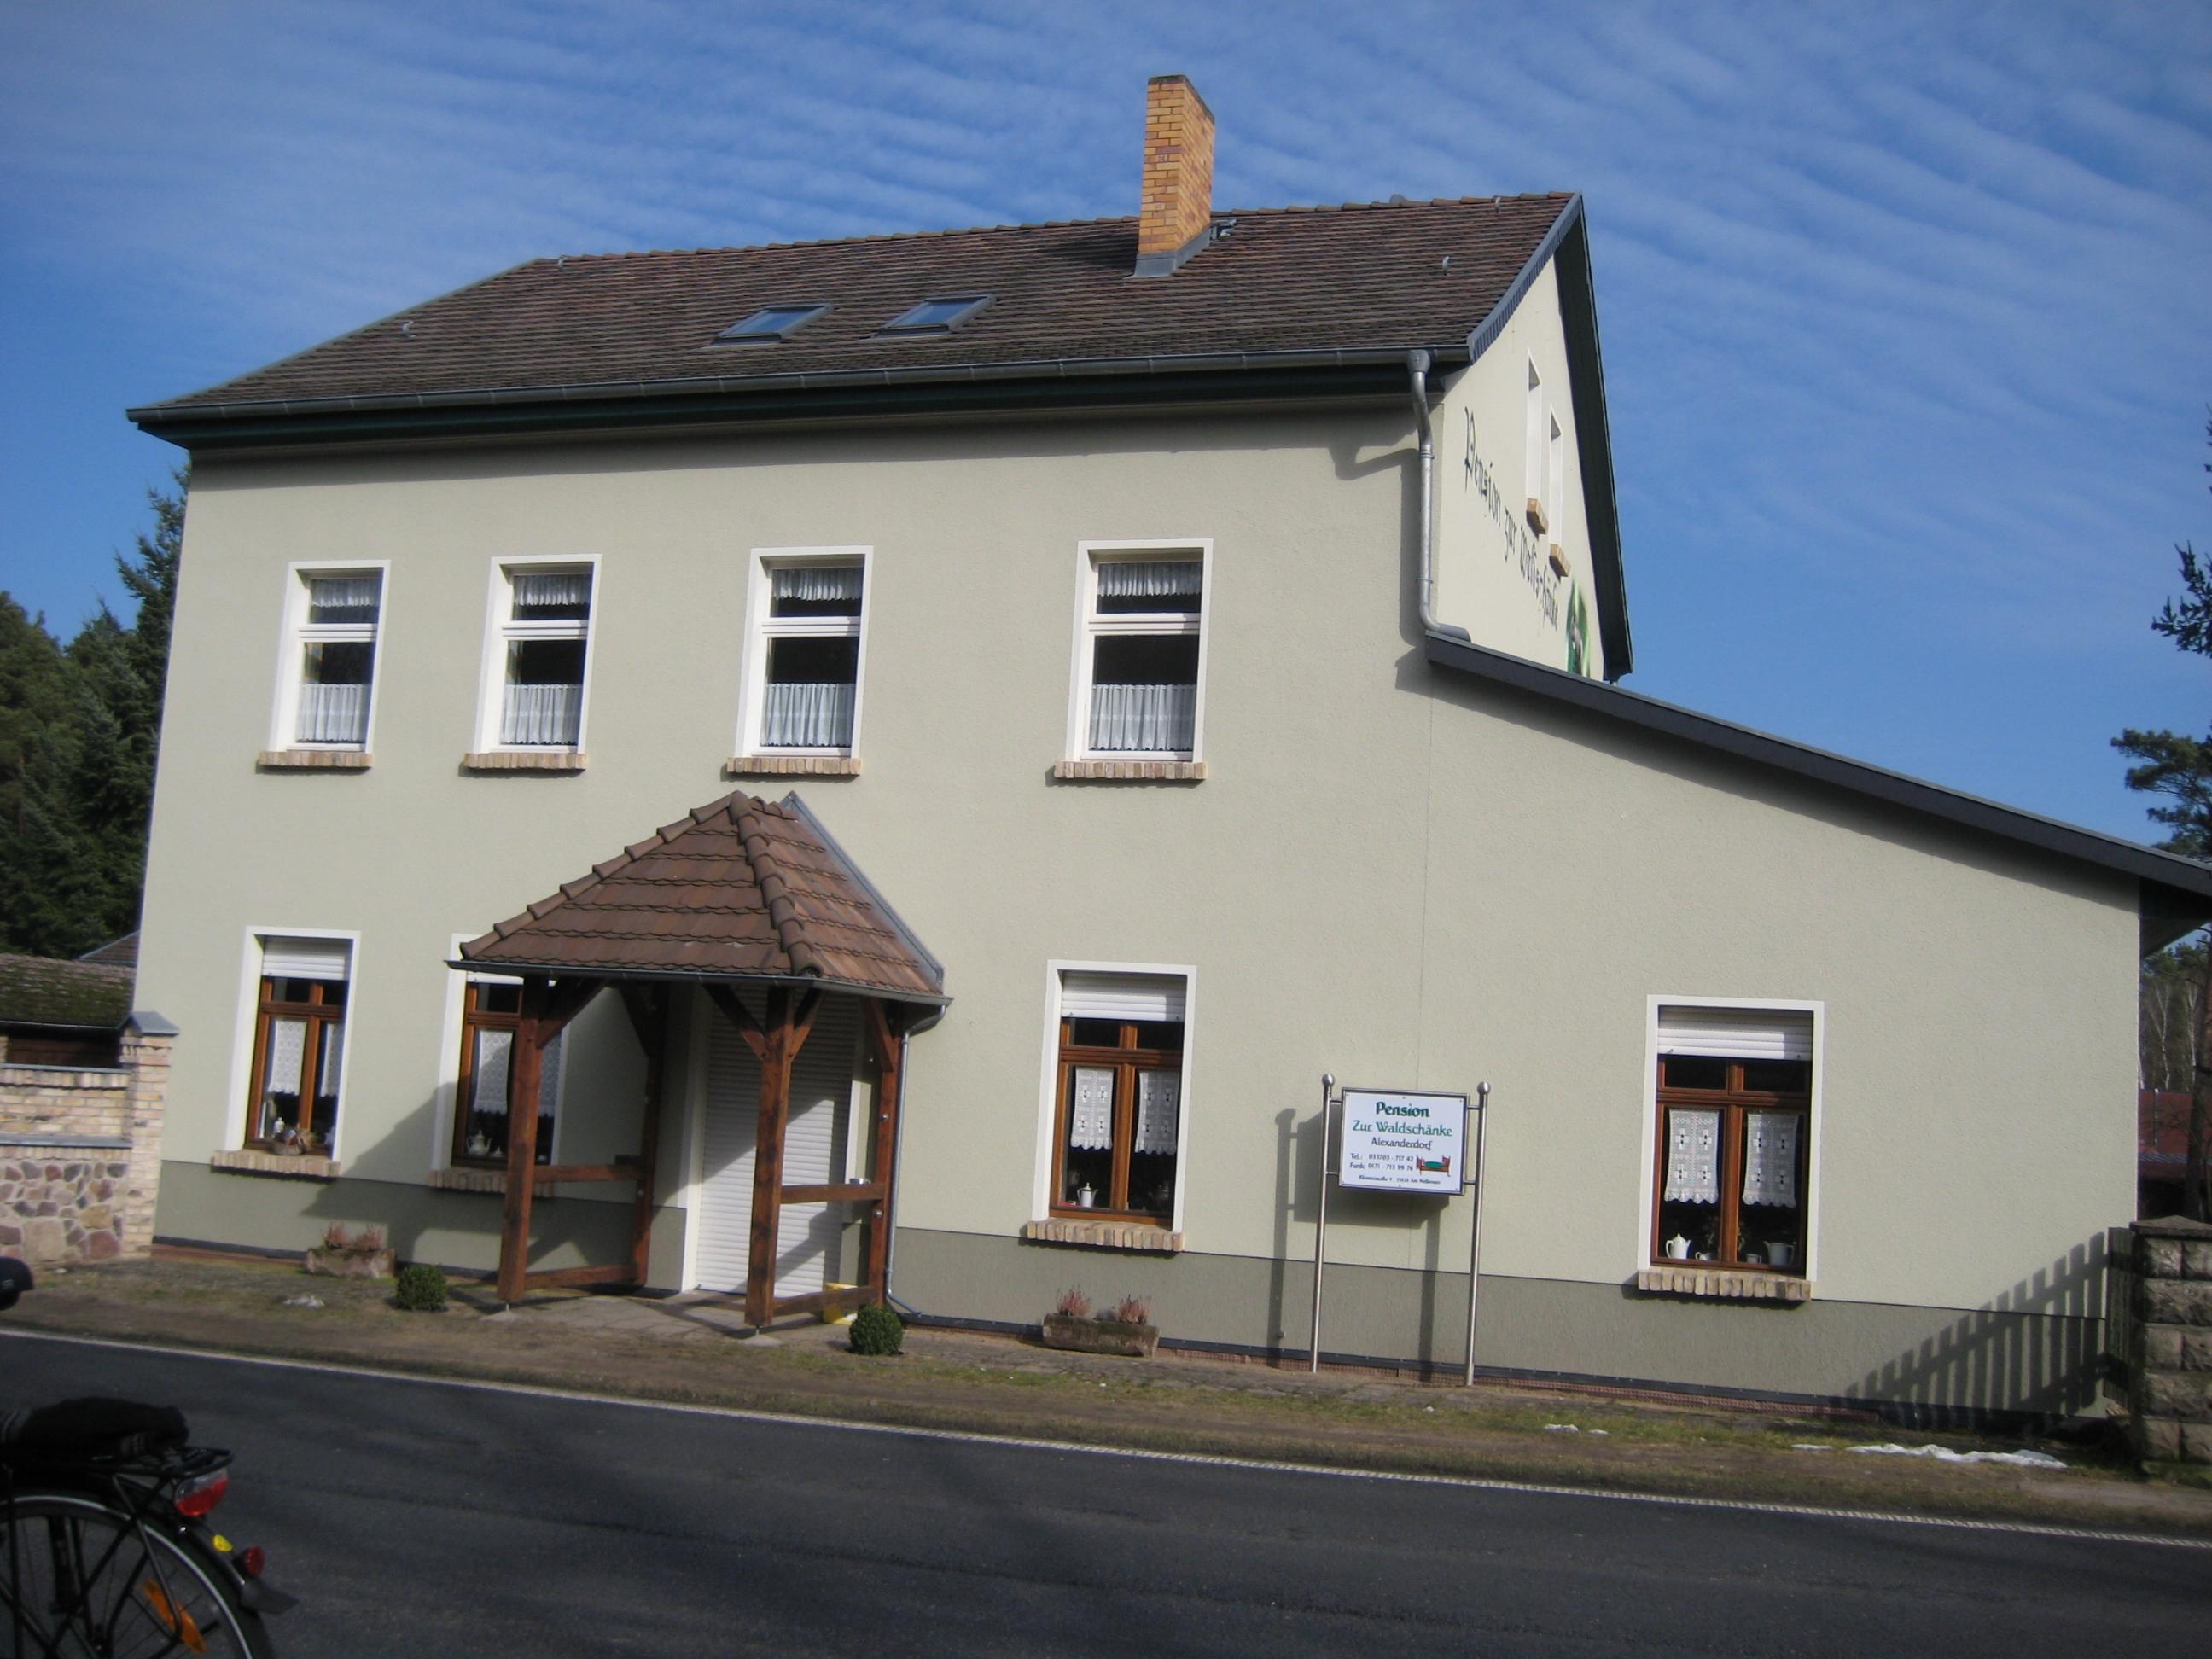 File:Alexanderdorf - Pension Zur Waldschänke - panoramio.jpg ...